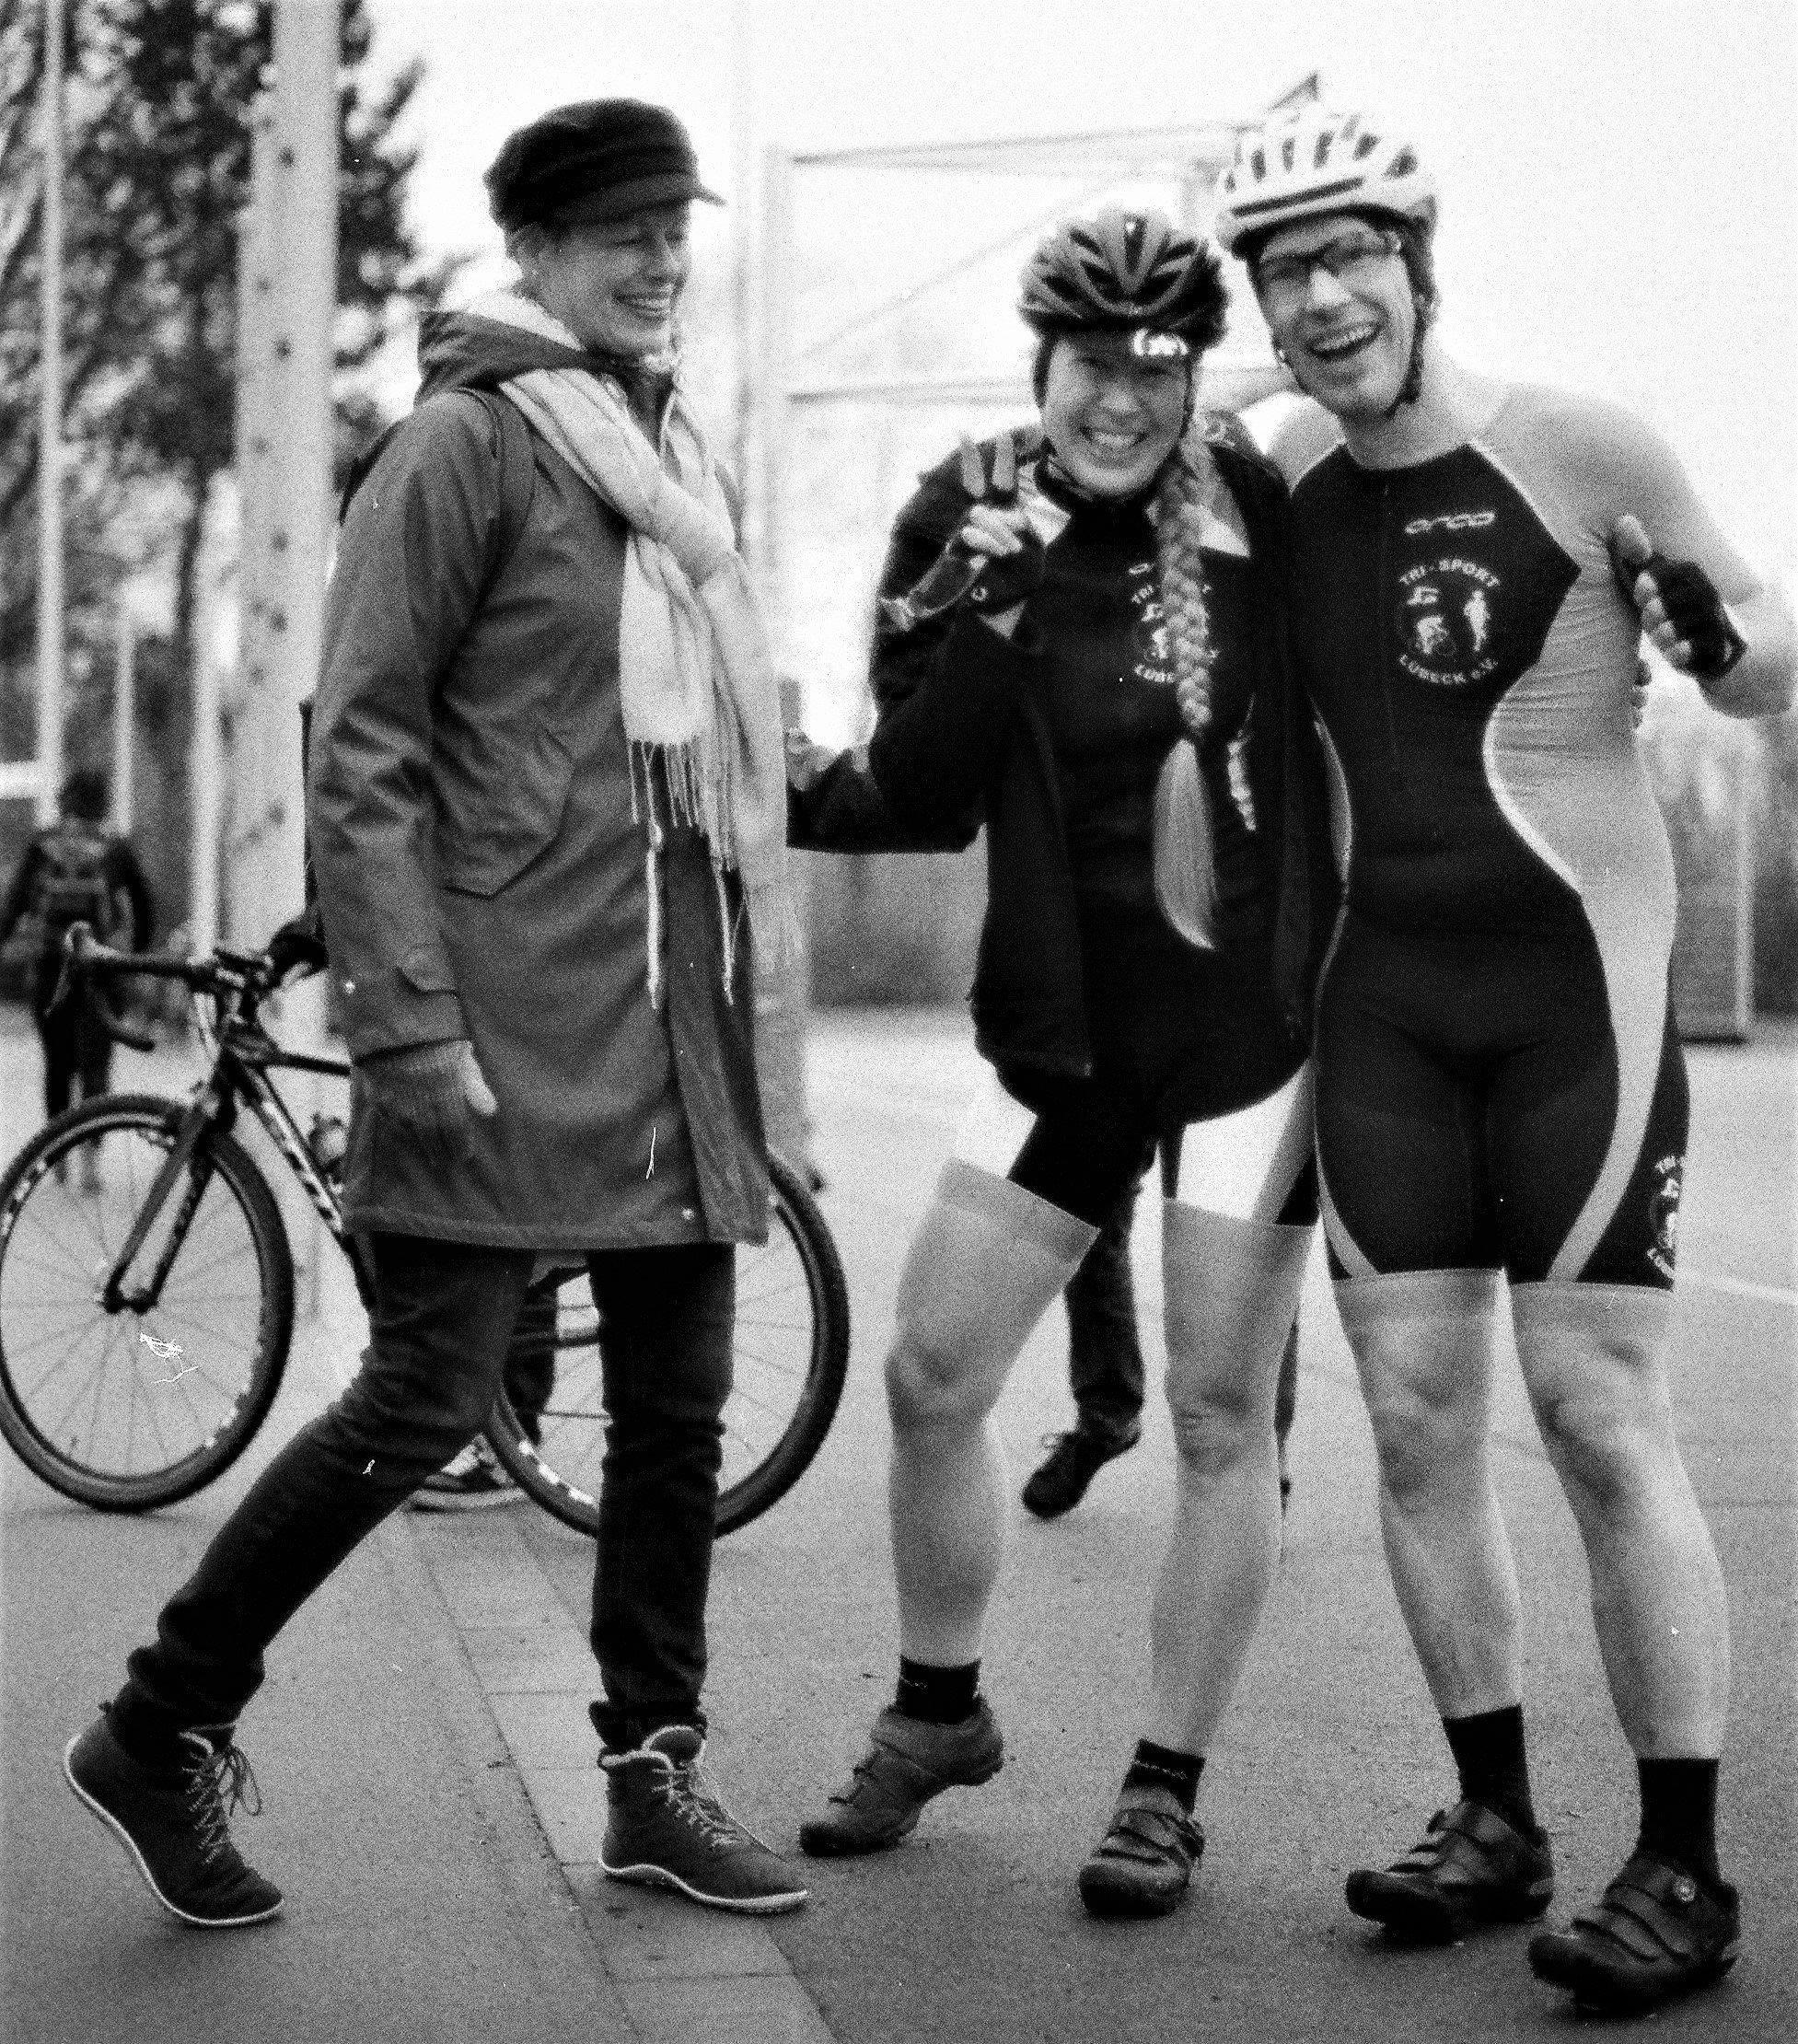 Mann und Frau in Siegerpose mit ihren Rennrädern.